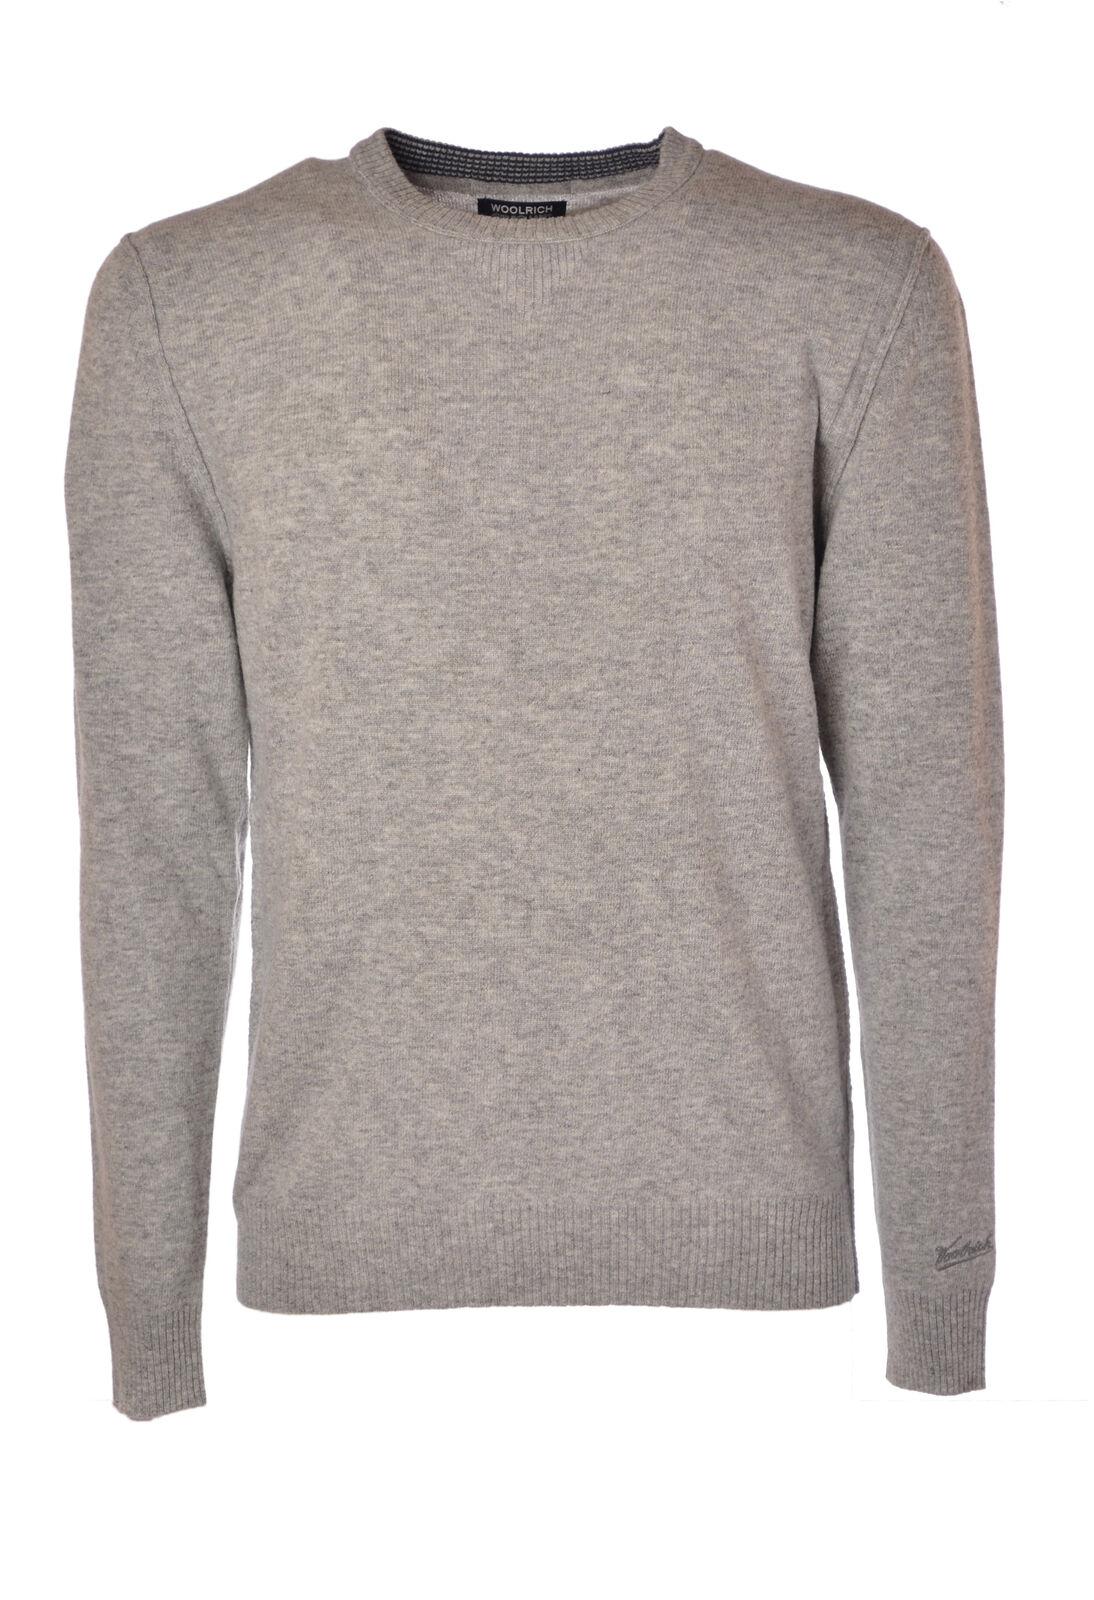 Woolrich  -  Sweaters - Male - Grau - 4215027A185158